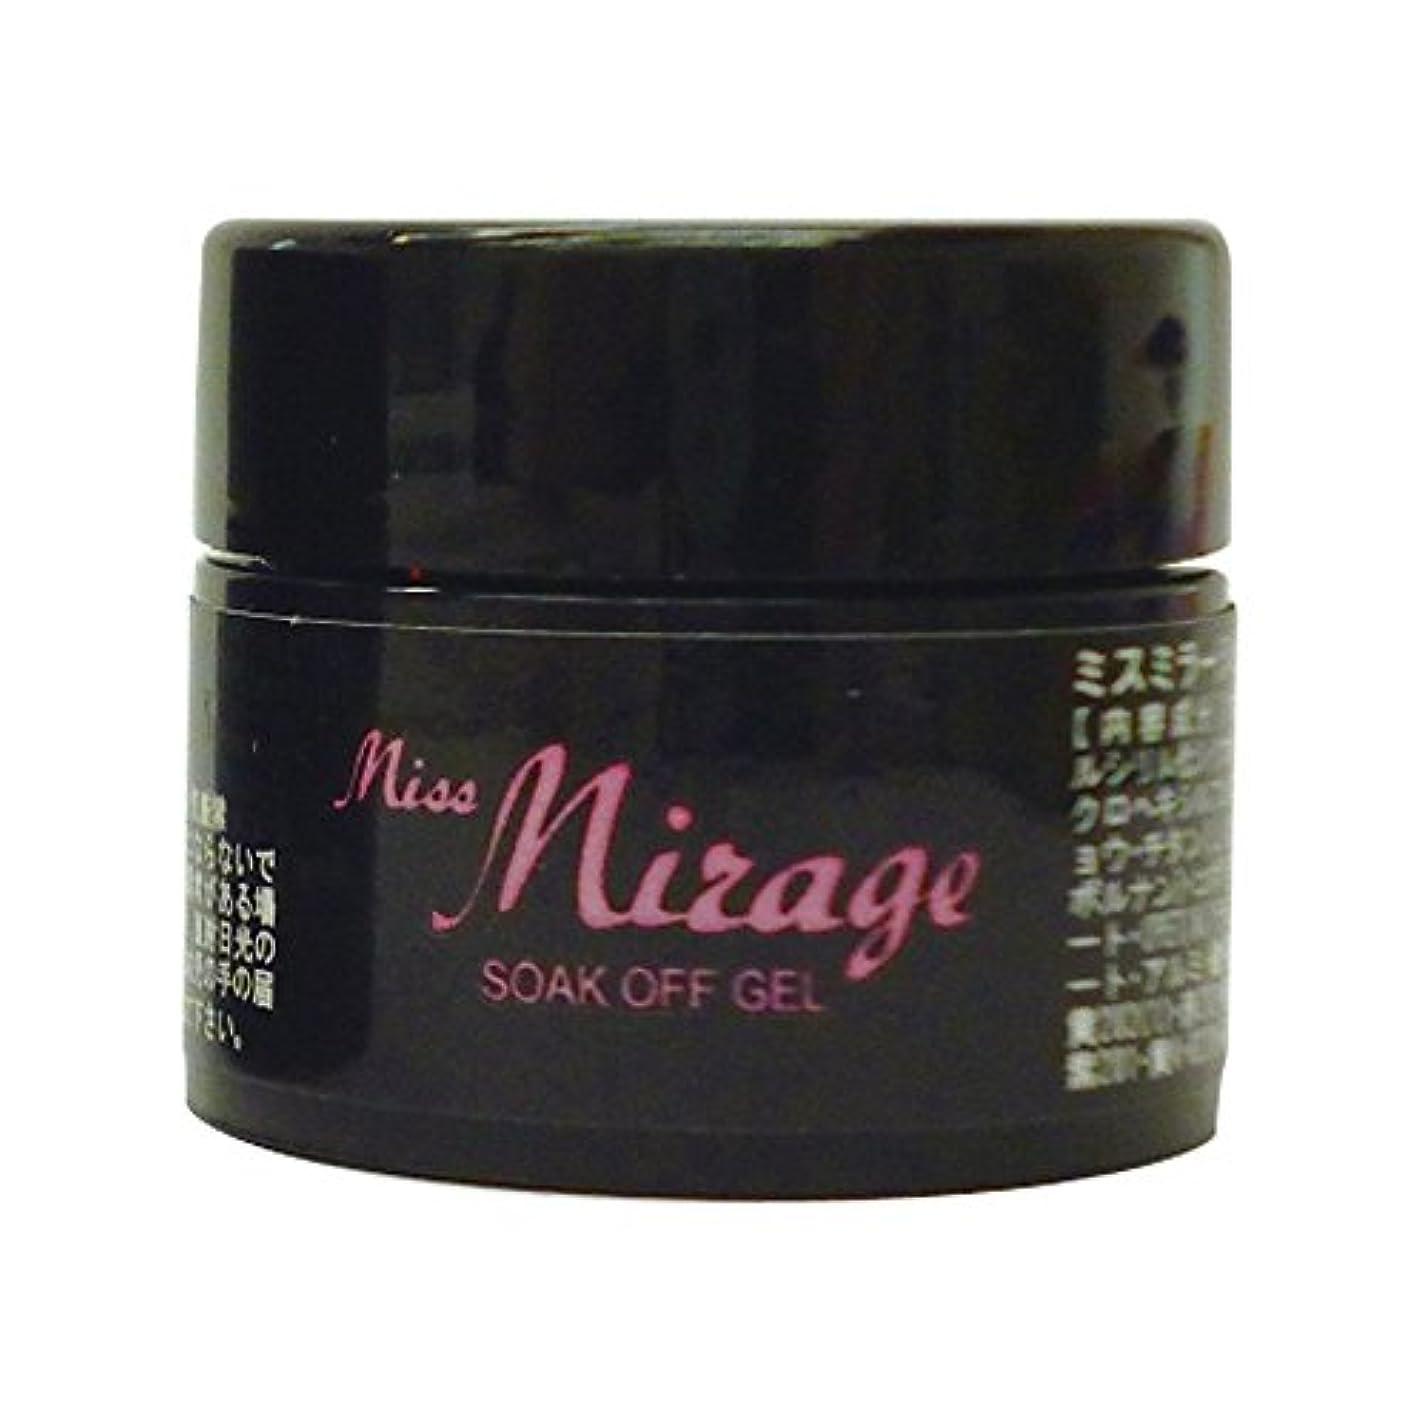 追加フェードアウト思春期Miss Mirage カラージェル S63S ミルフィーユクリーミーチェリー 2.5g UV/LED対応